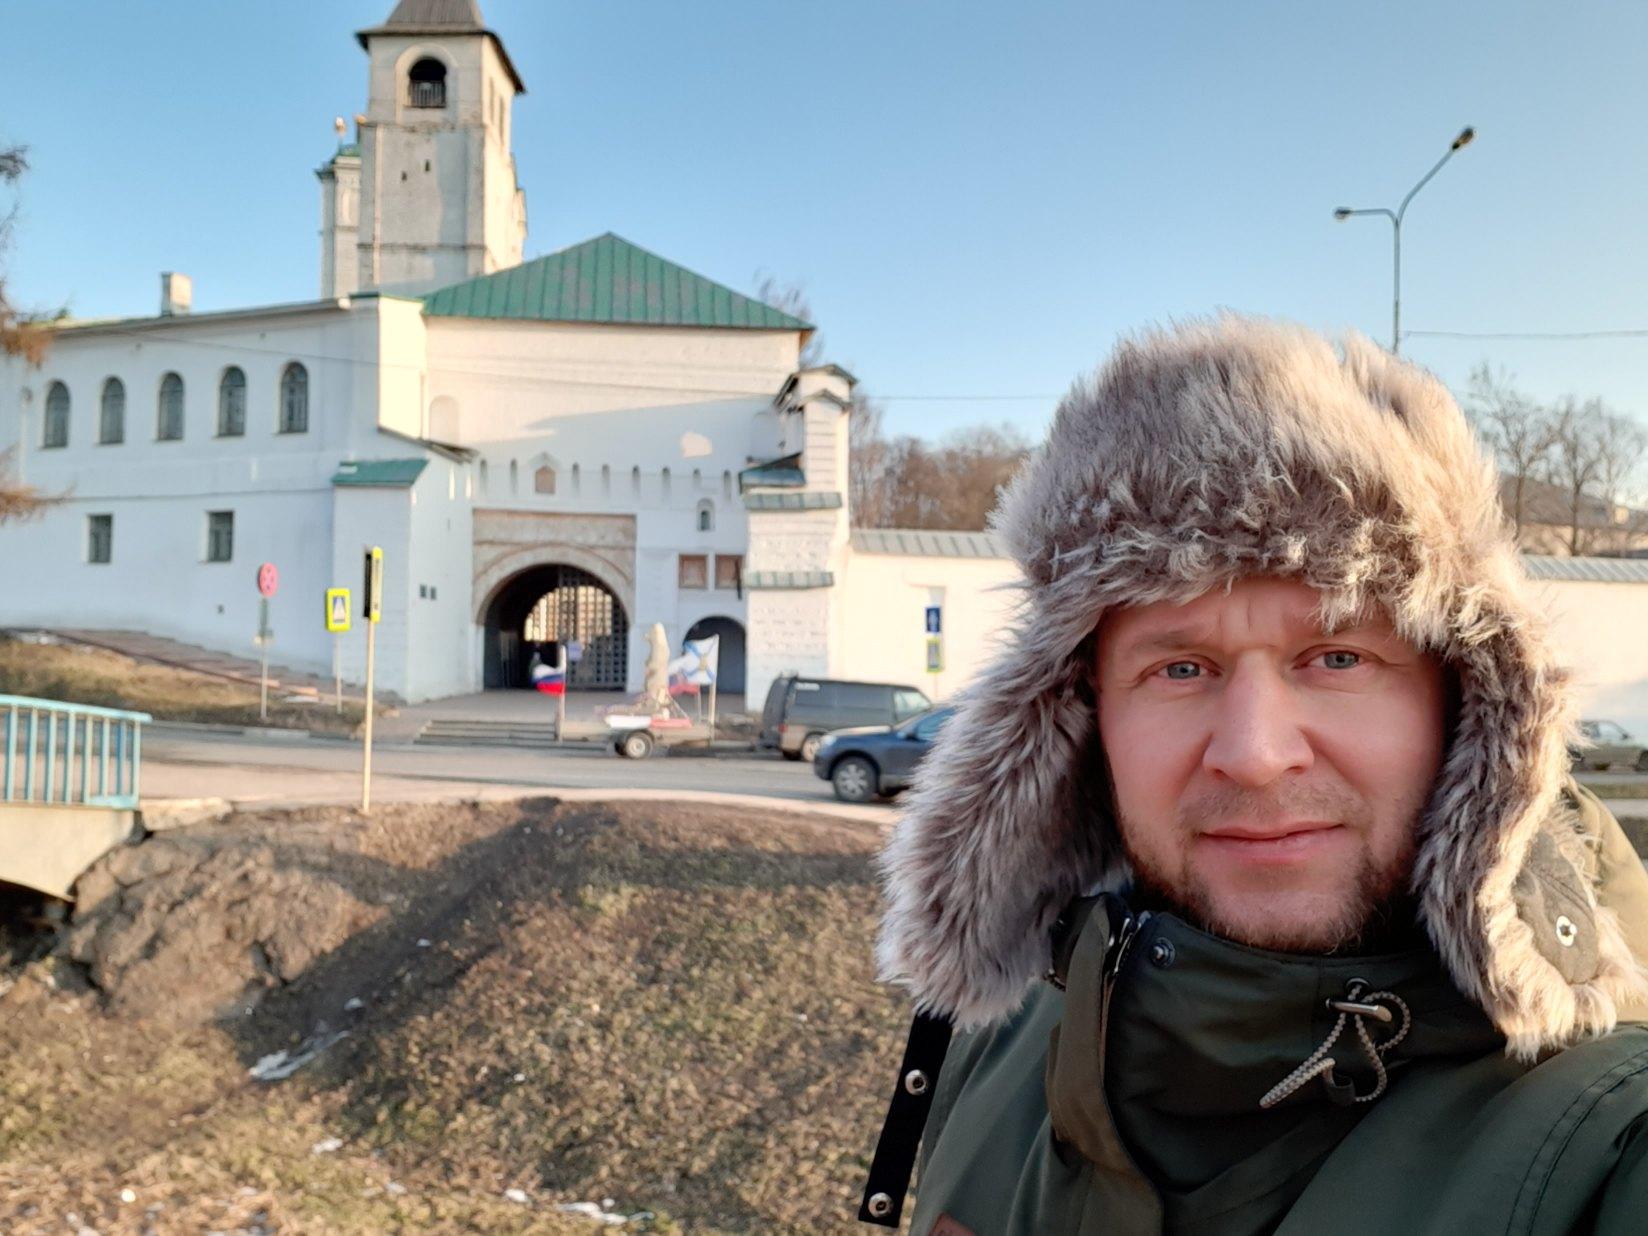 Через Ярославль провезли медведя в подарок Владимиру Путину